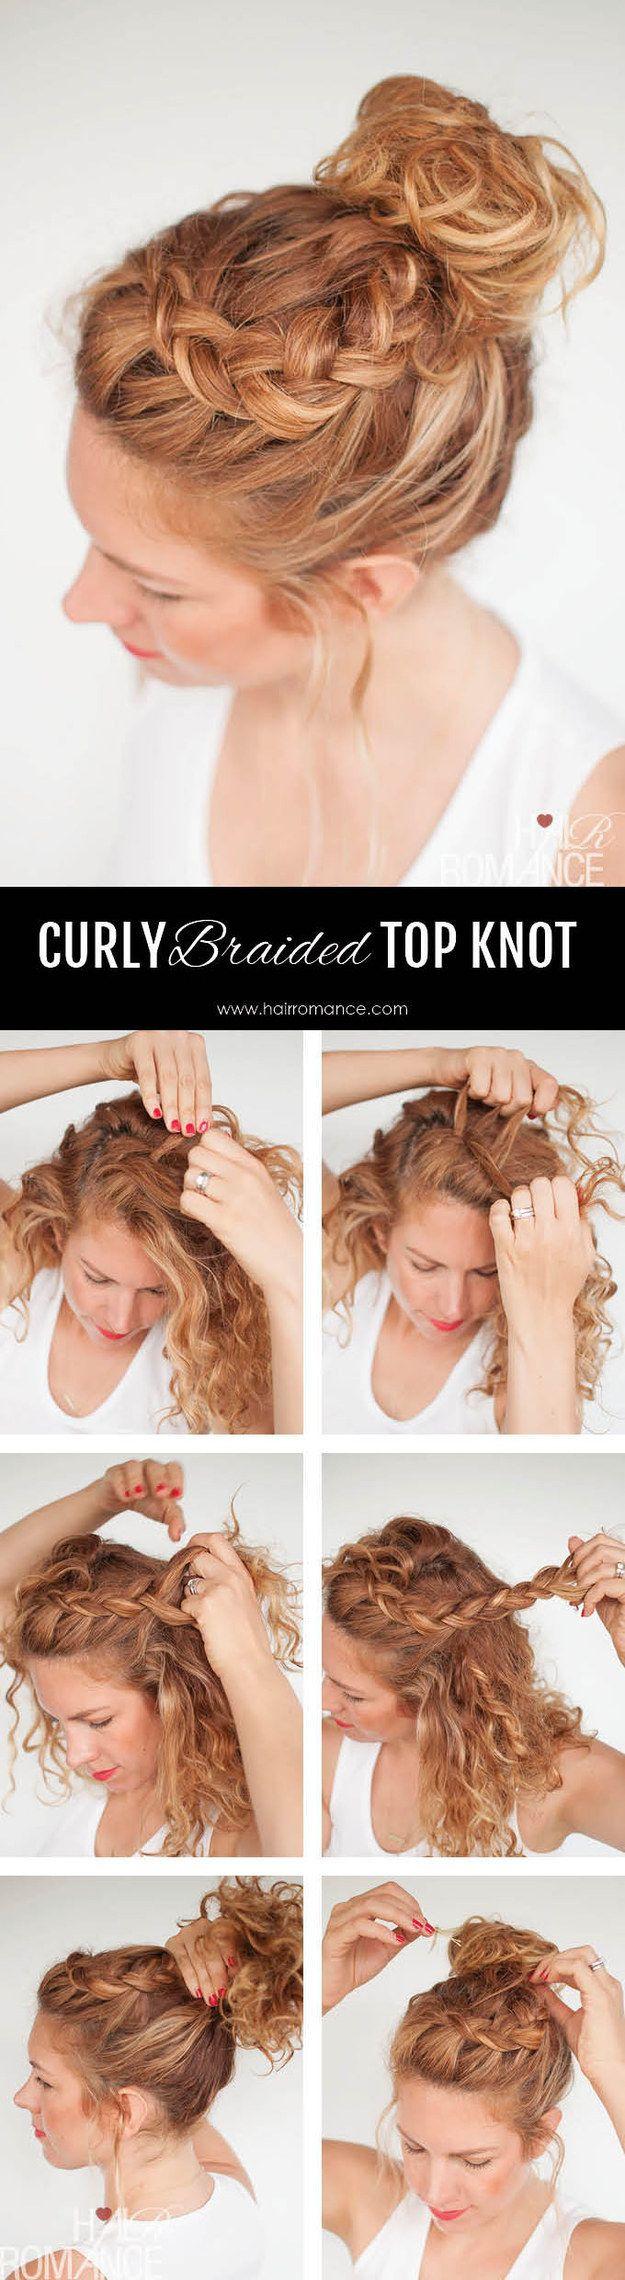 Y trenza una sección del cabello en tu corona para evitar pelos sueltos.